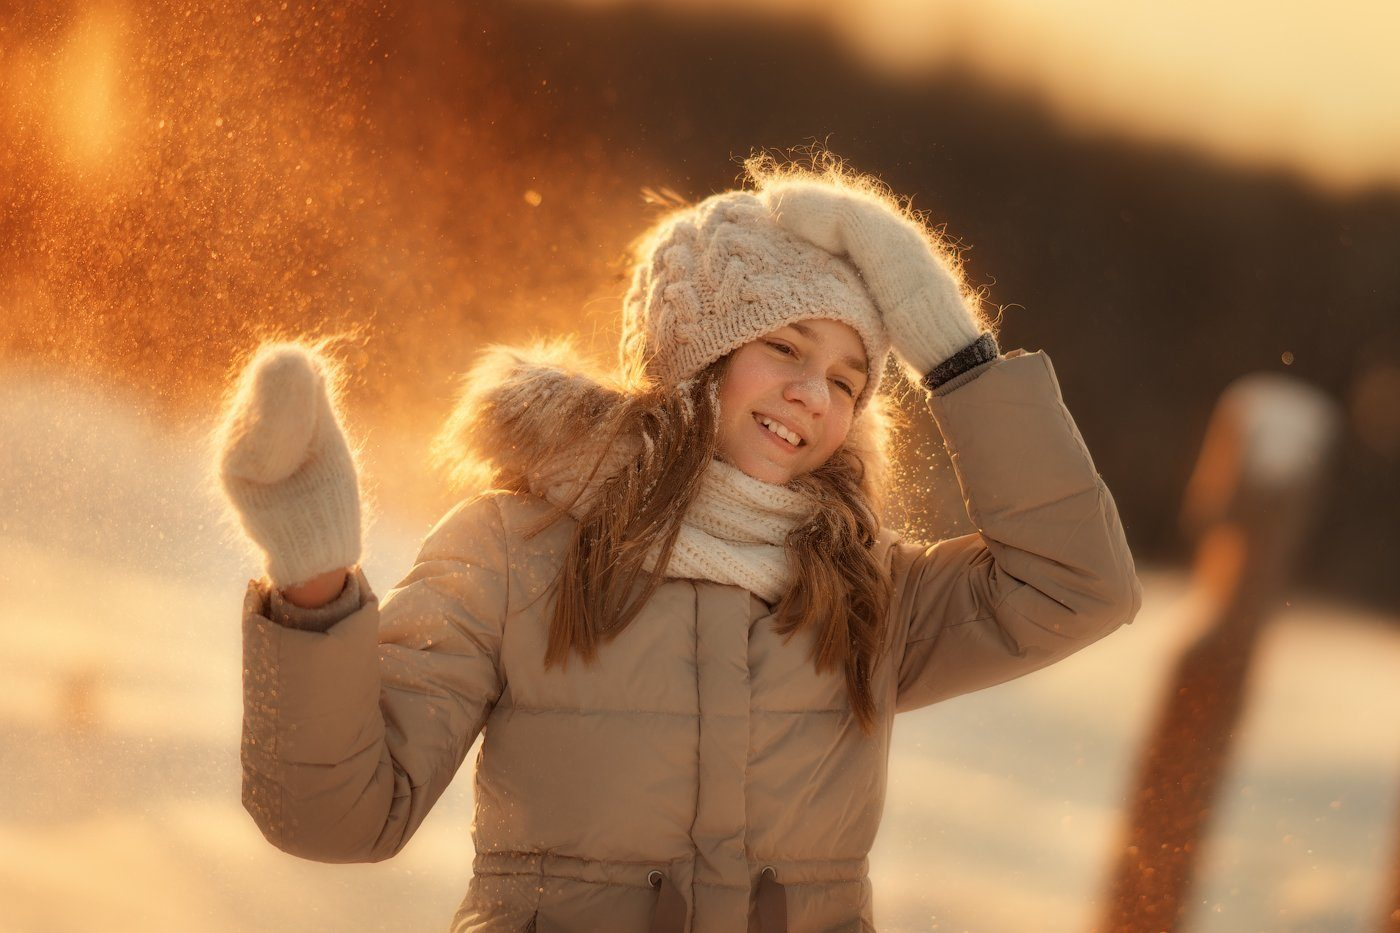 детский фотограф